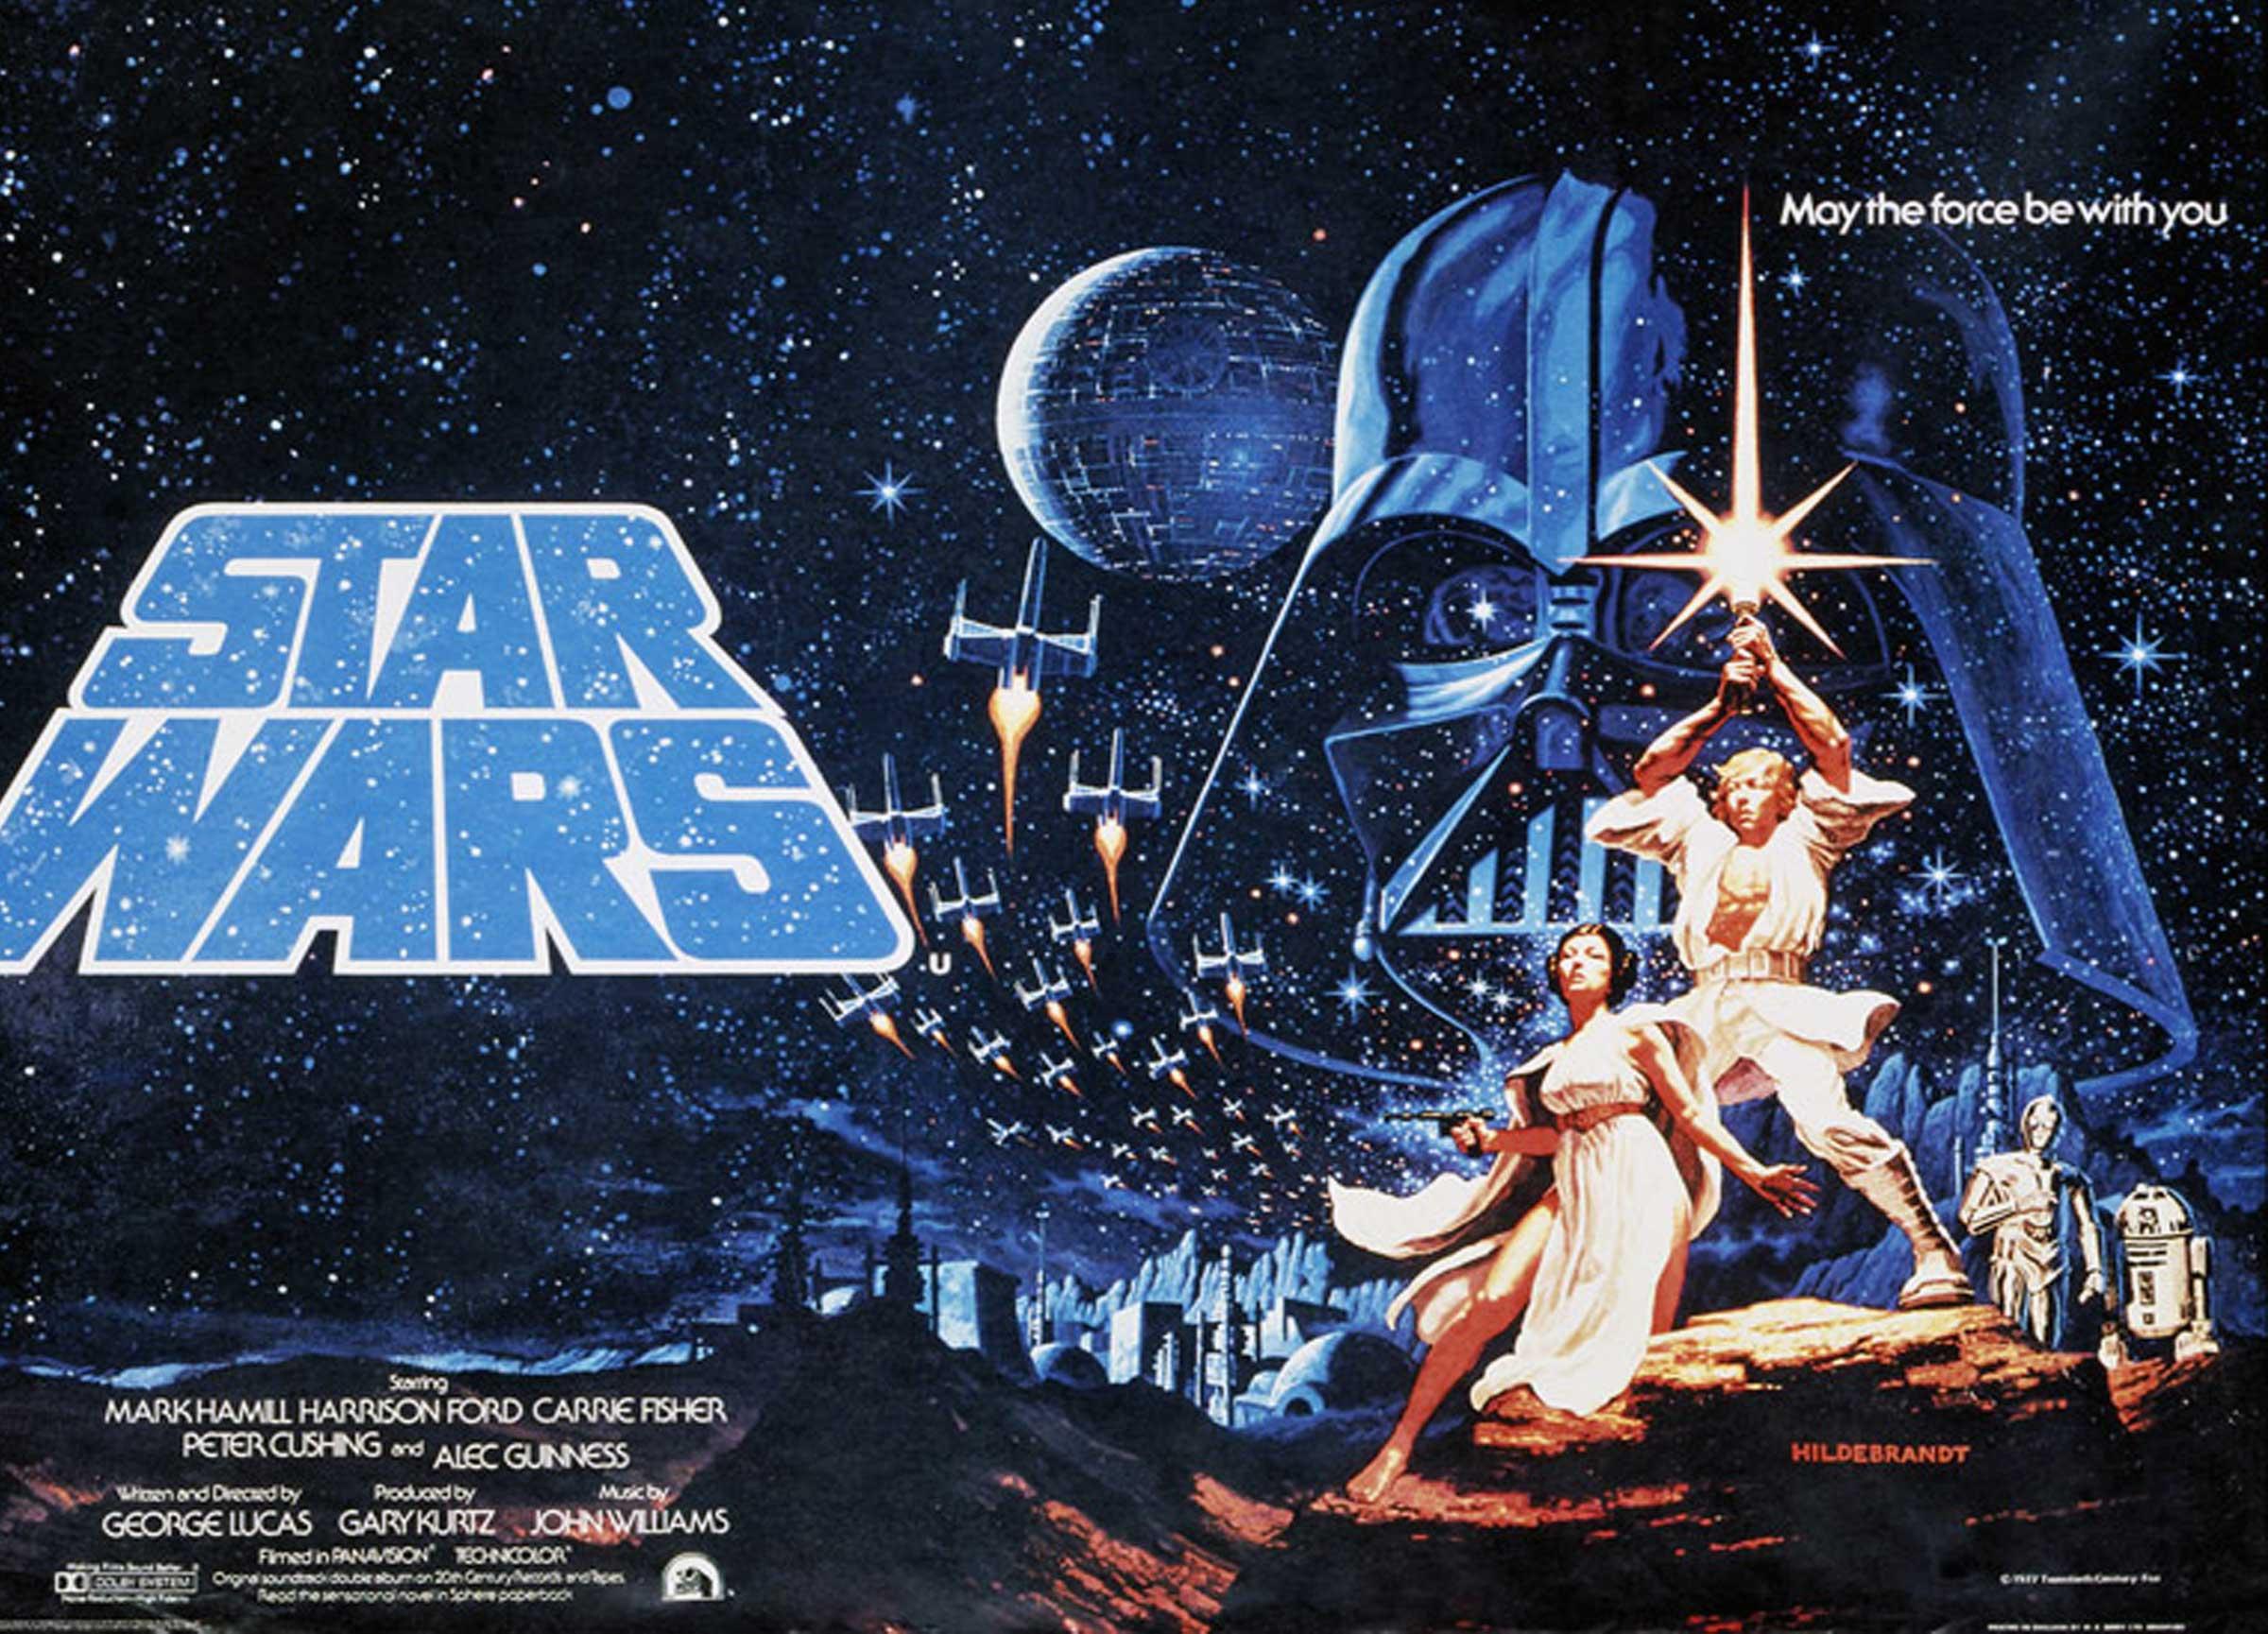 Star-Wars-Movie-Poster-1977-original